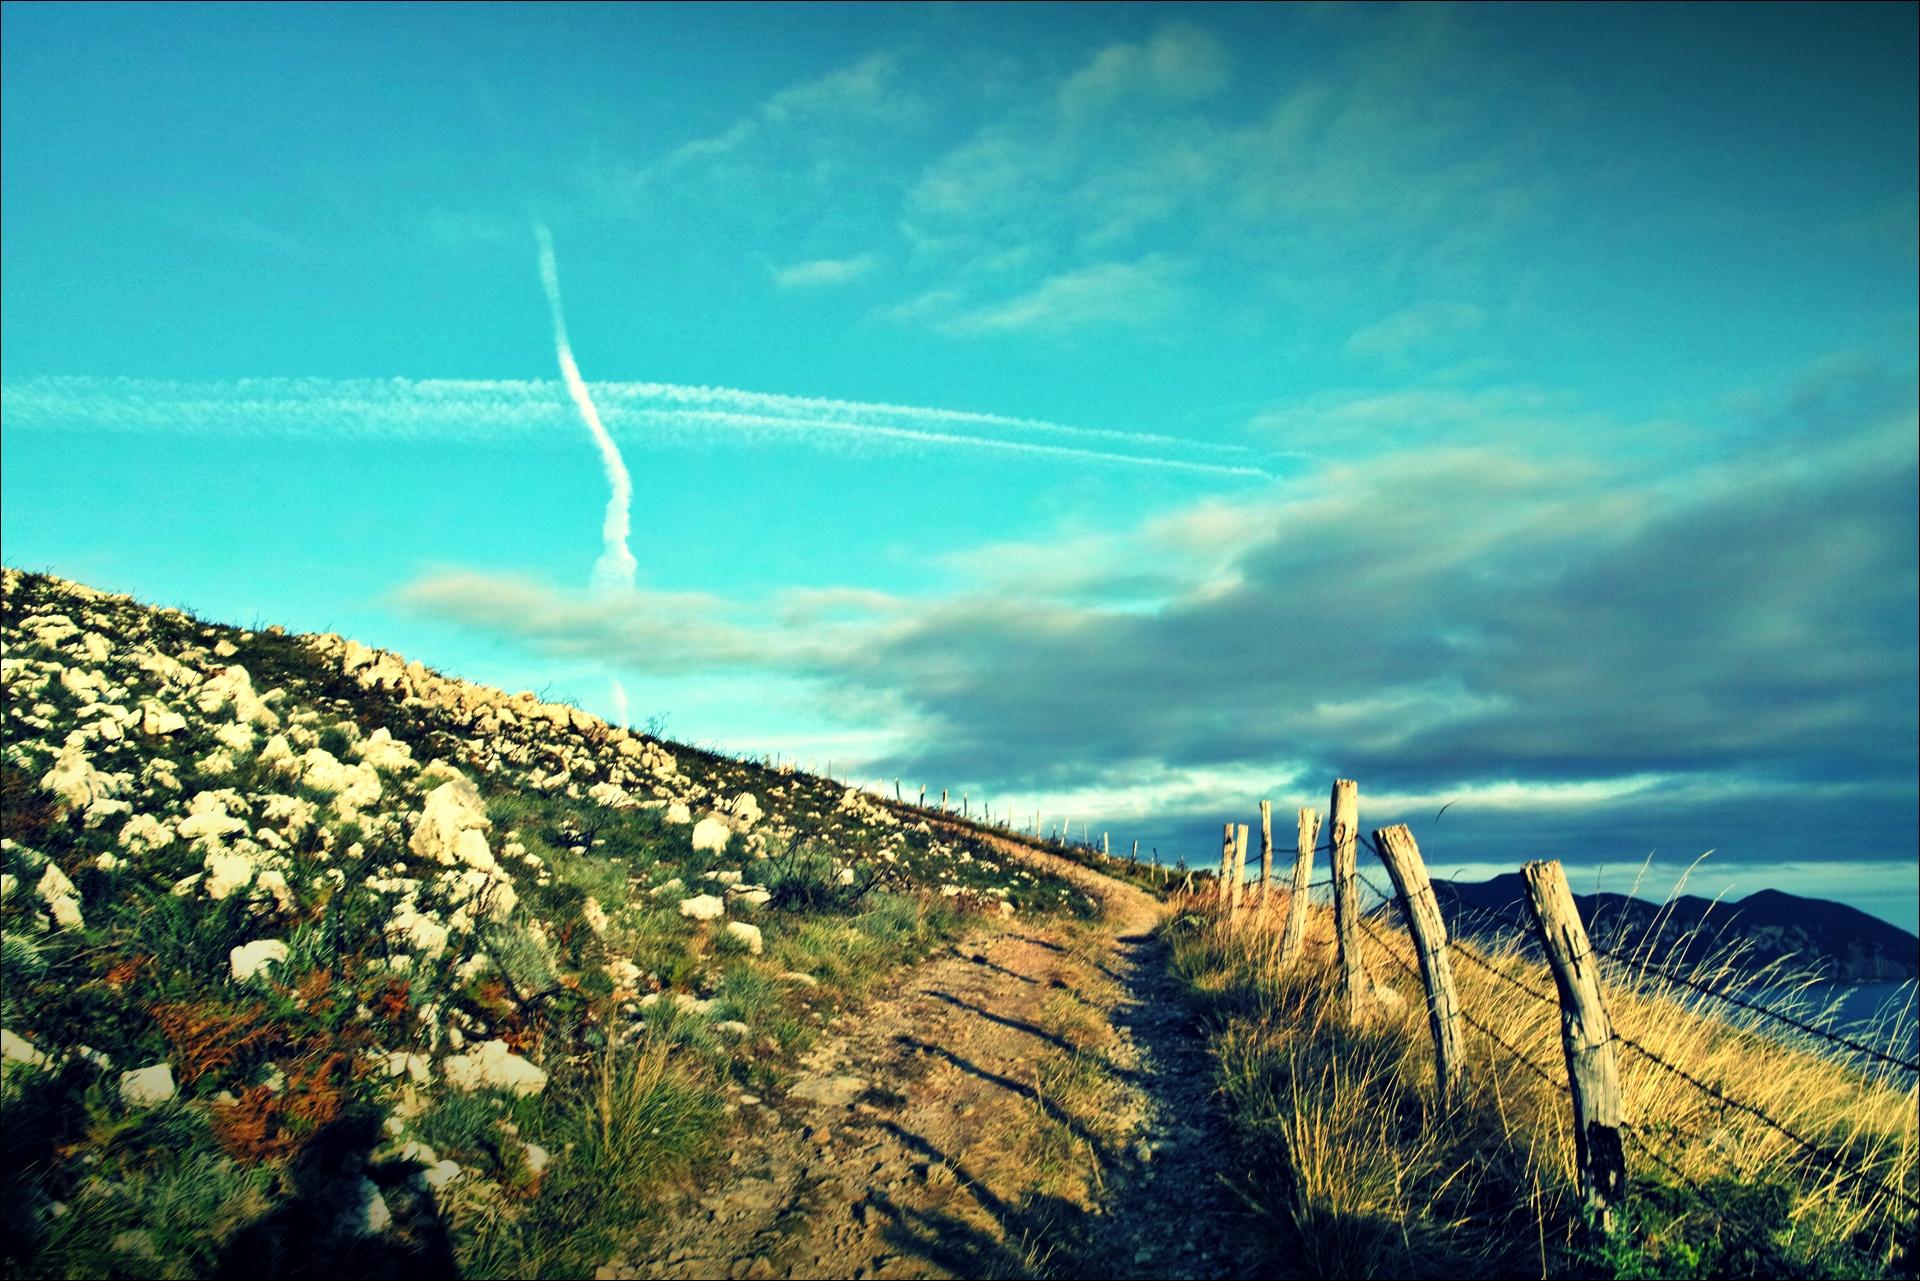 울타리 너머로 보이는 멋진 구름-'카미노 데 산티아고 북쪽길. 리엔도에서 산토냐. (Camino del Norte - Liendo to Santoña) '